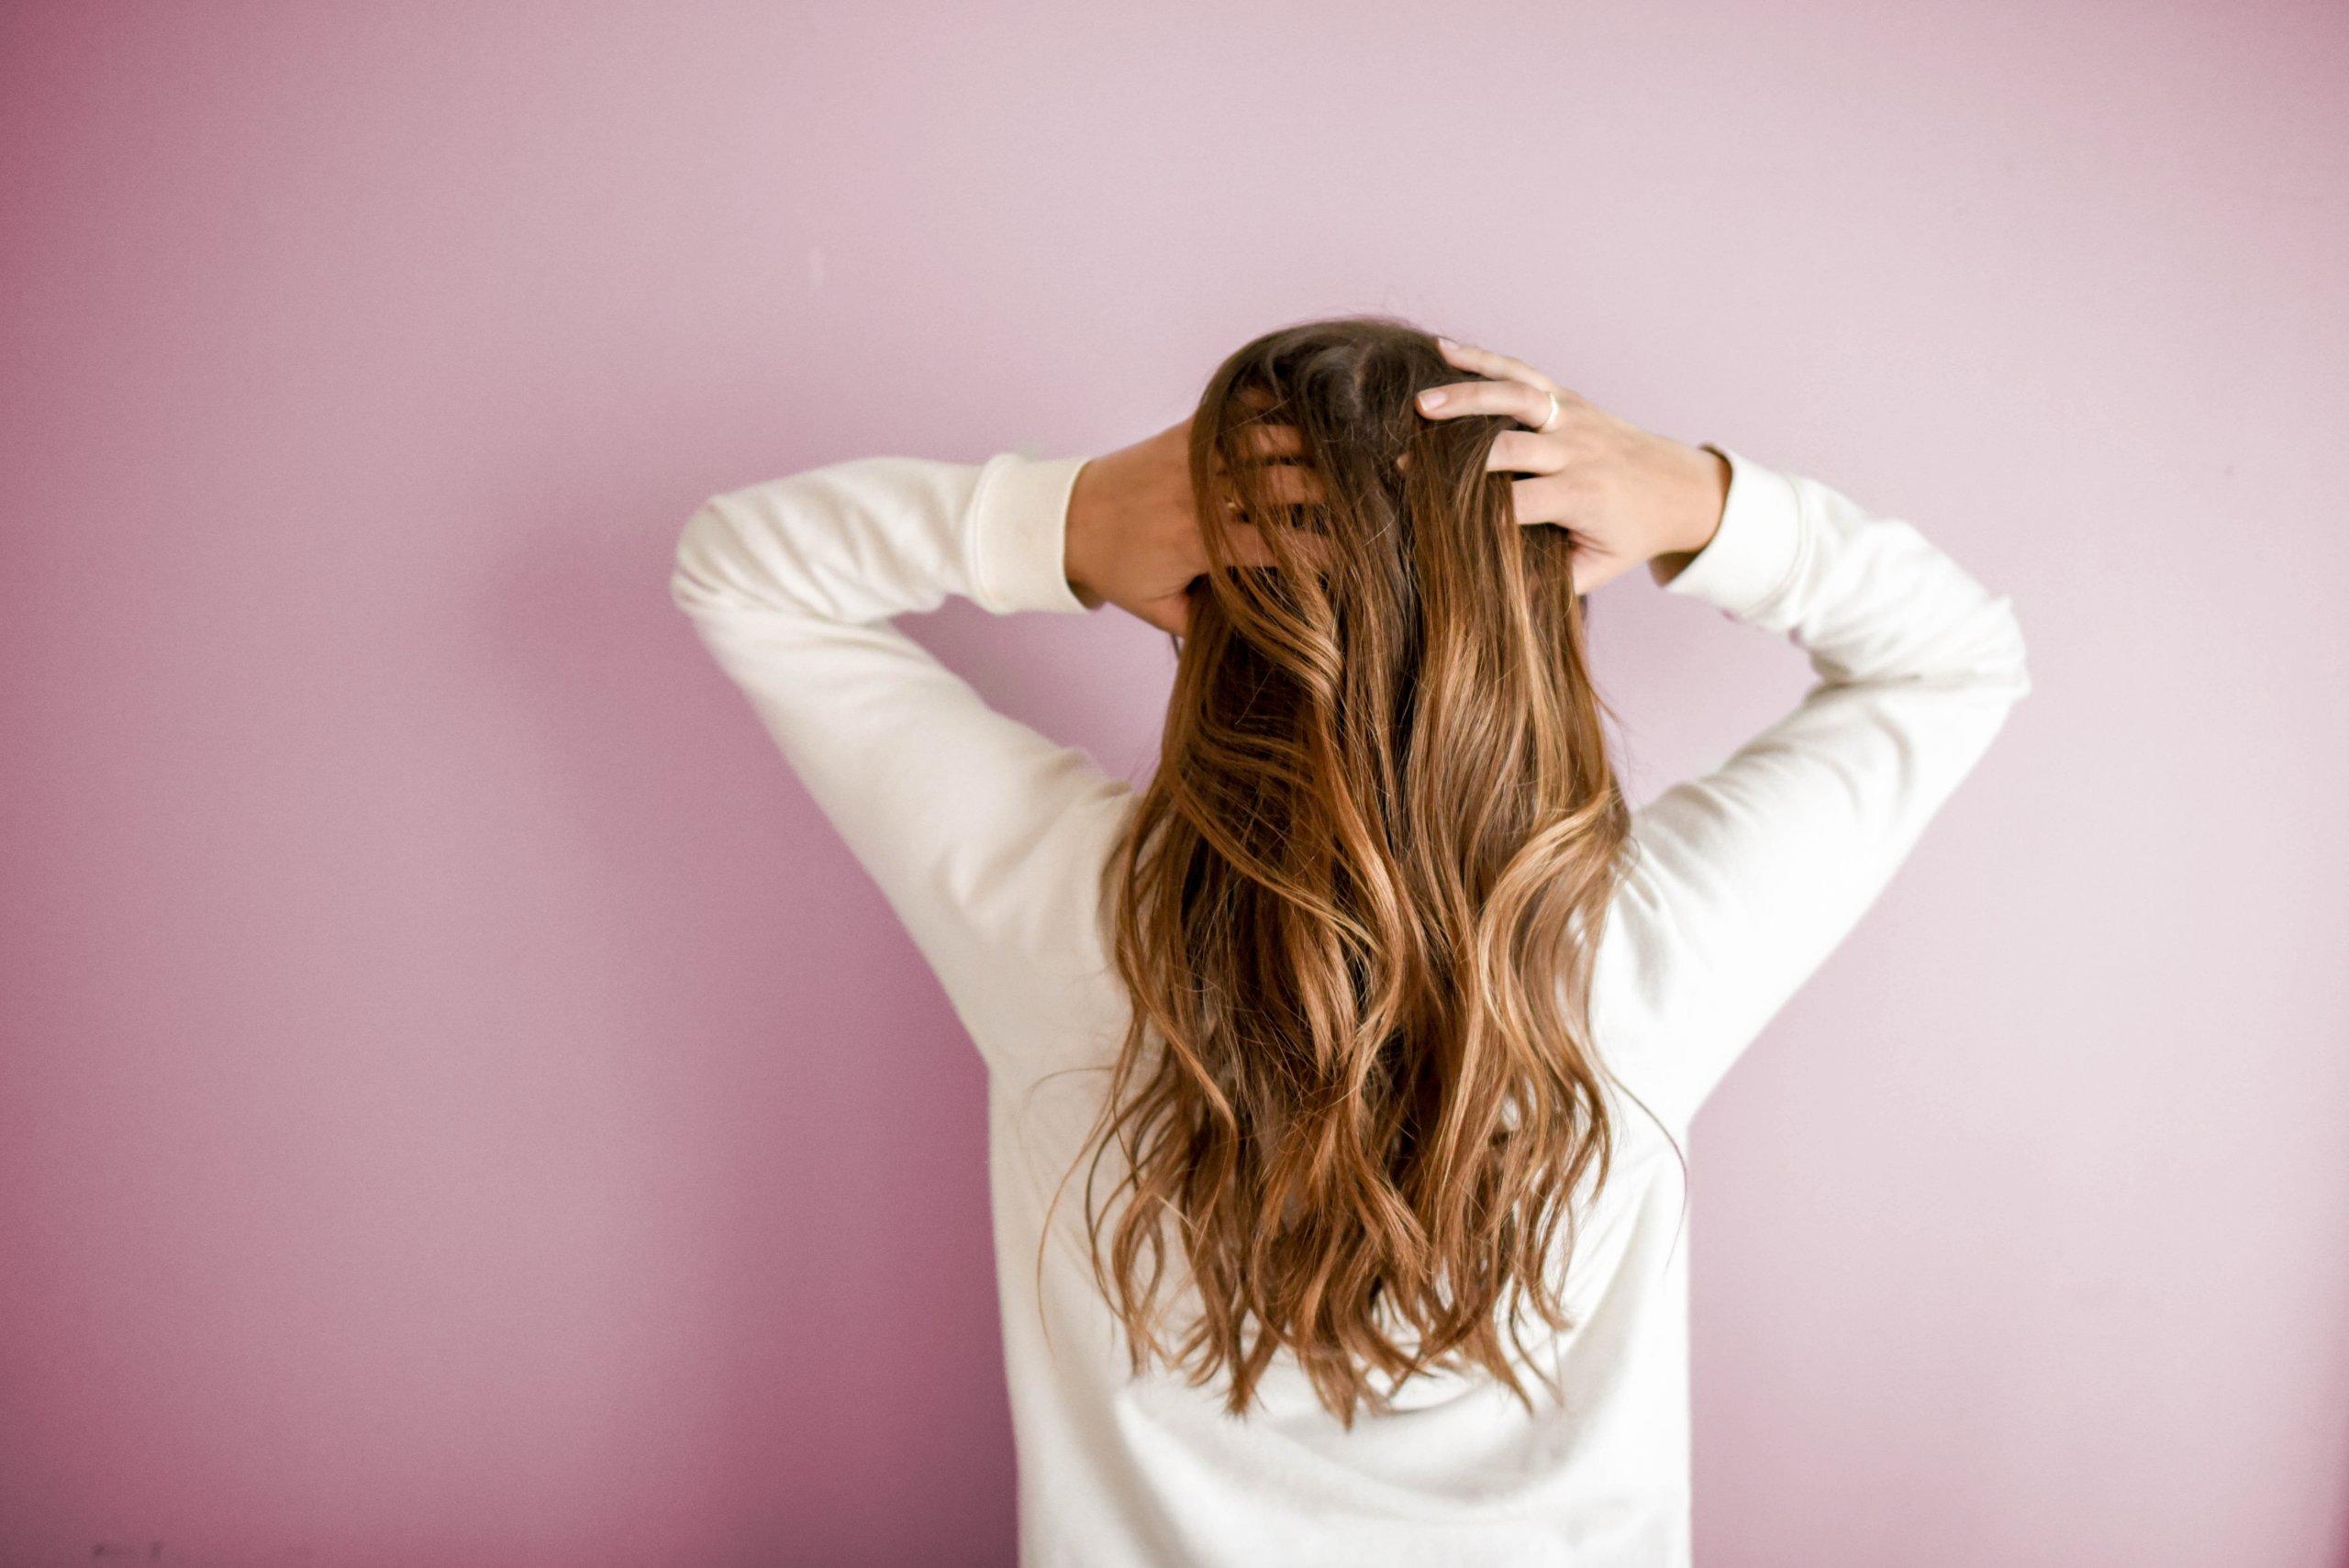 Muči vas ispadanje kose? Ovih pet stvari hitno morate prestati raditi